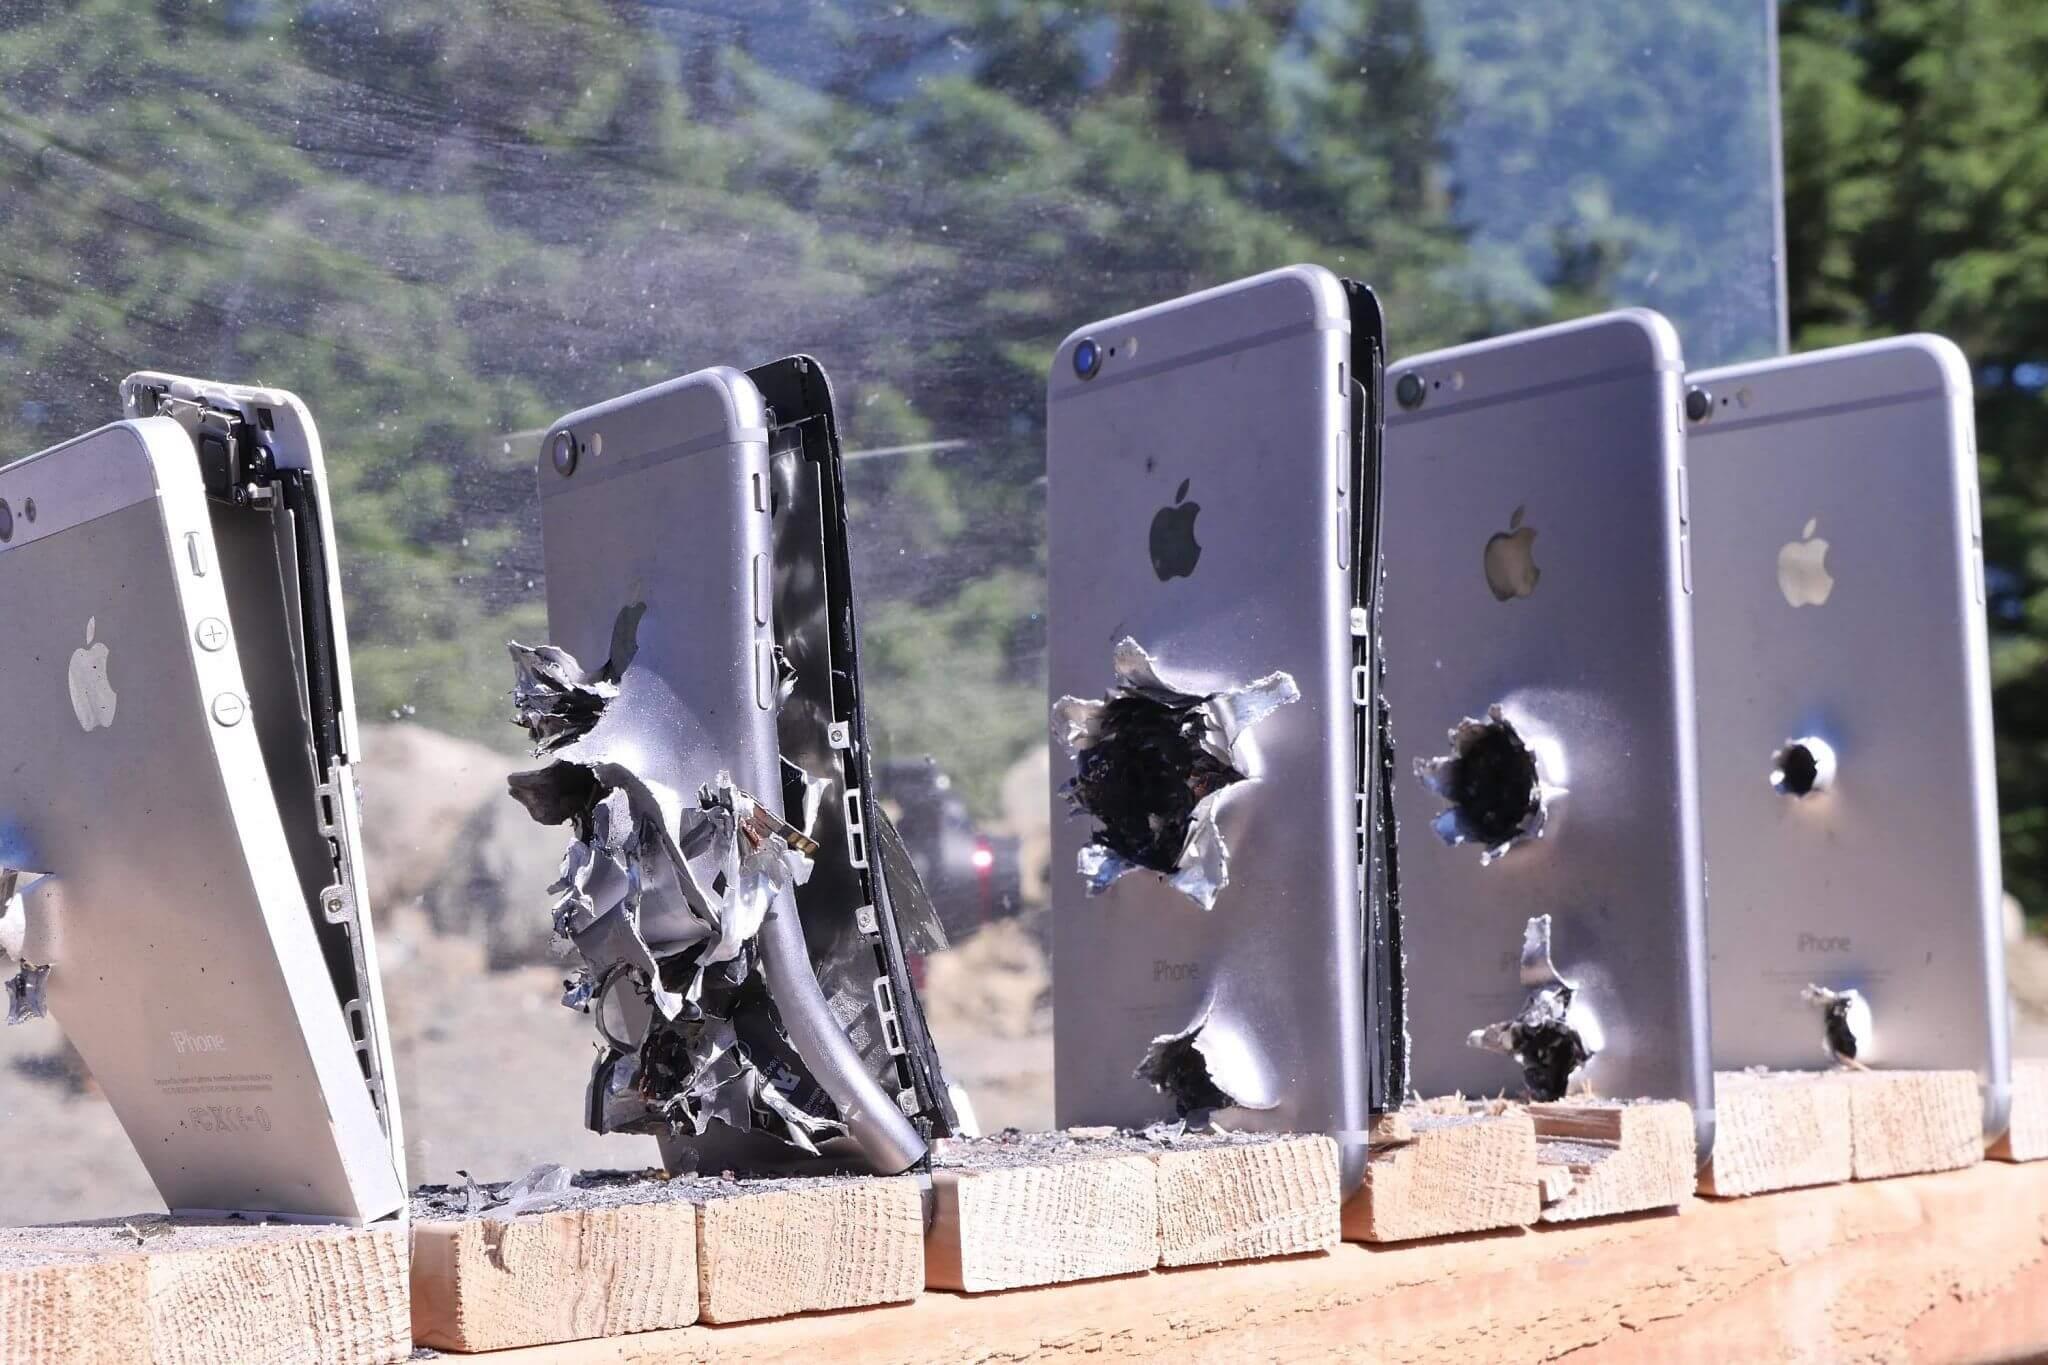 Apple deixa iPhone lento para comprarem um lançamento, aponta Harvard